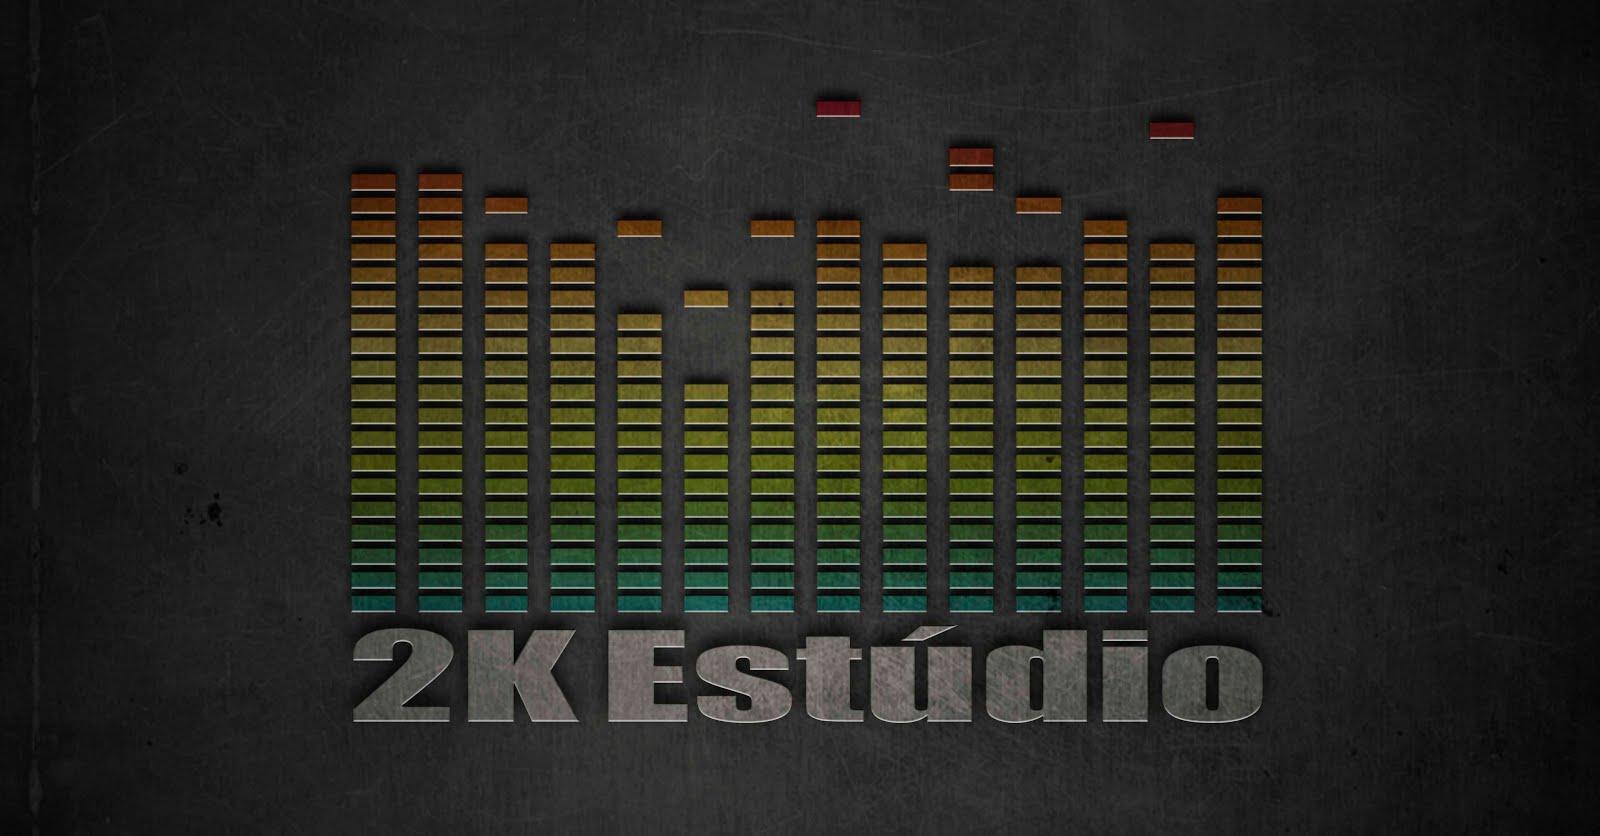 2K Estúdio